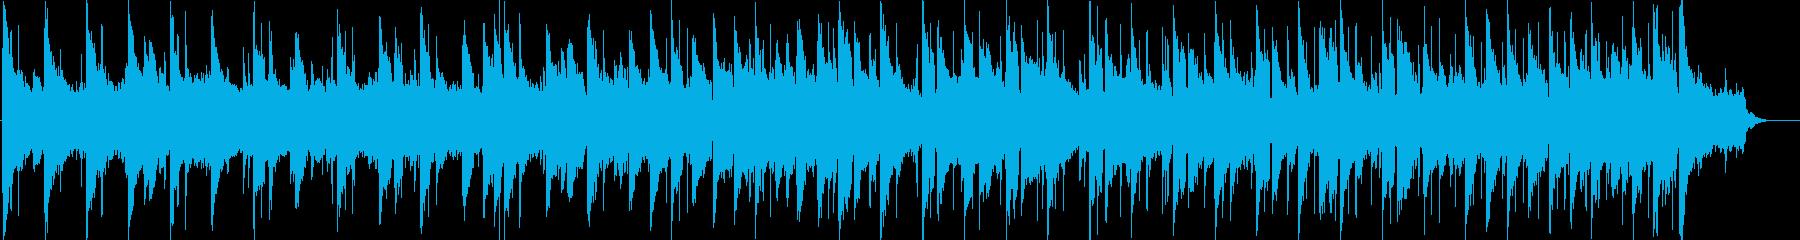 穏やかでドラマチックなBGMの再生済みの波形